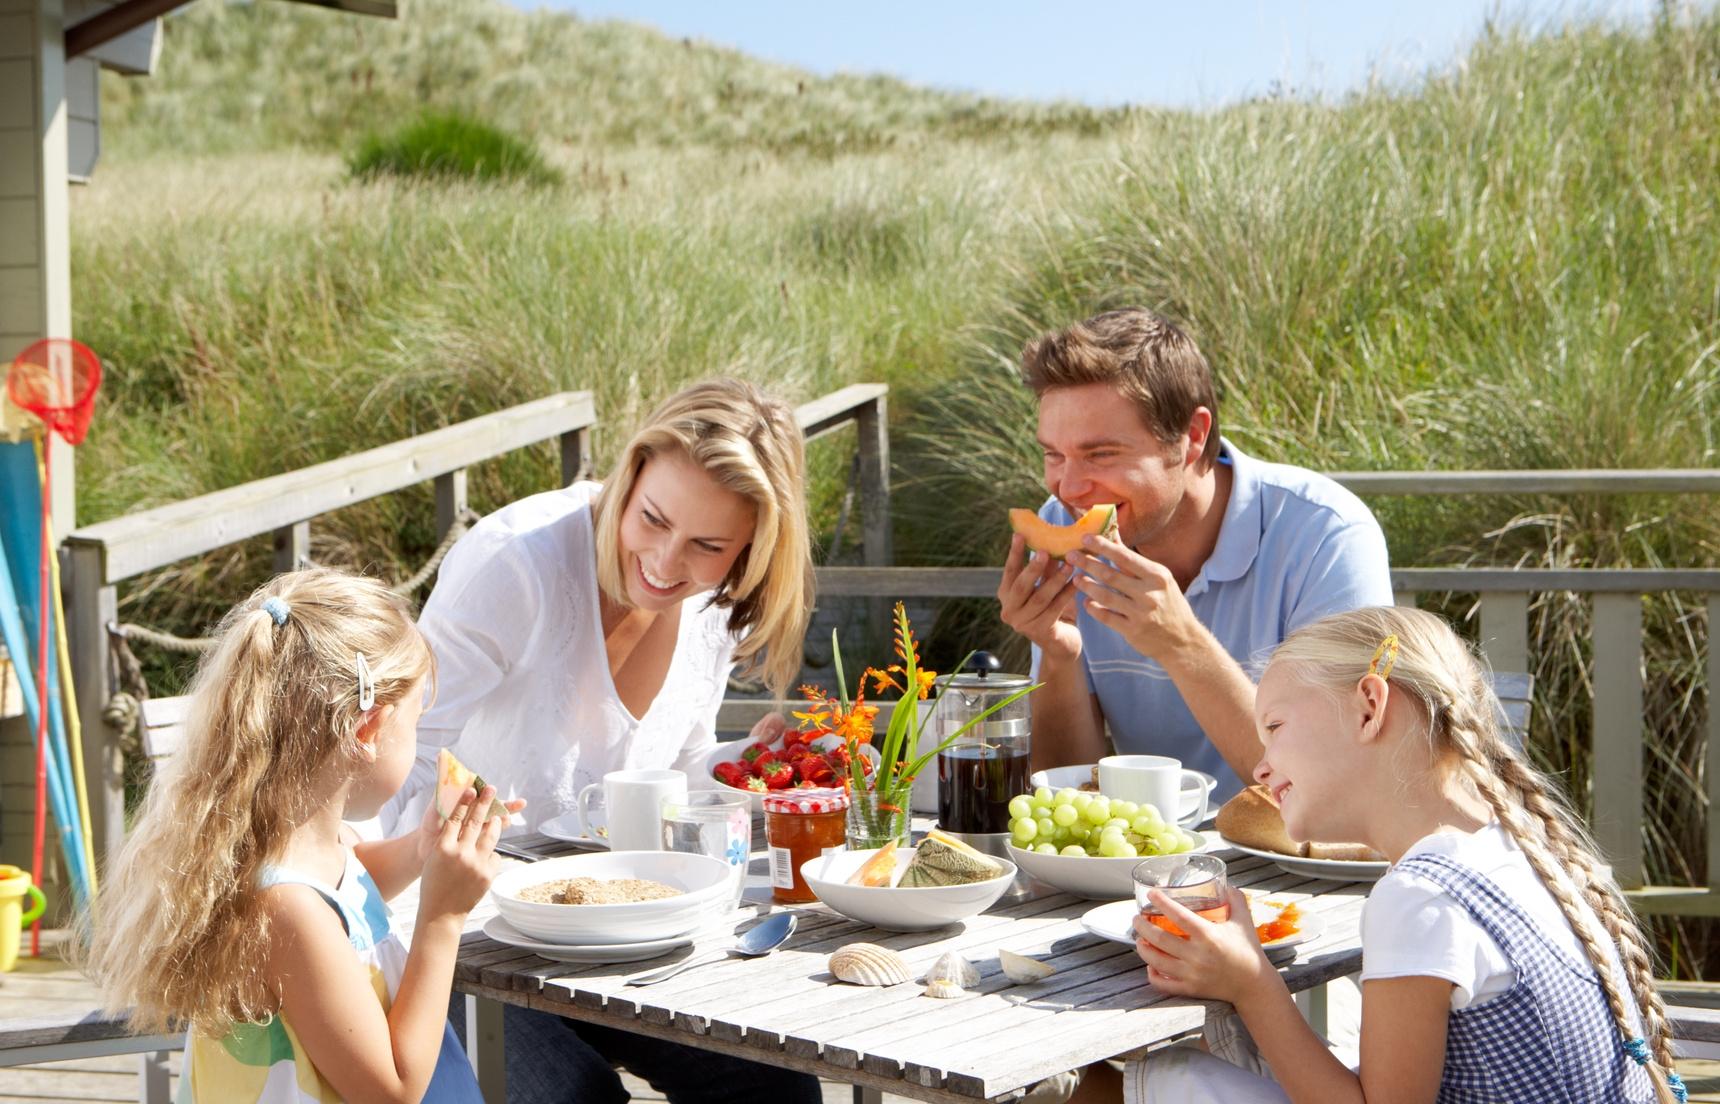 Children & Phases of Picky Eating